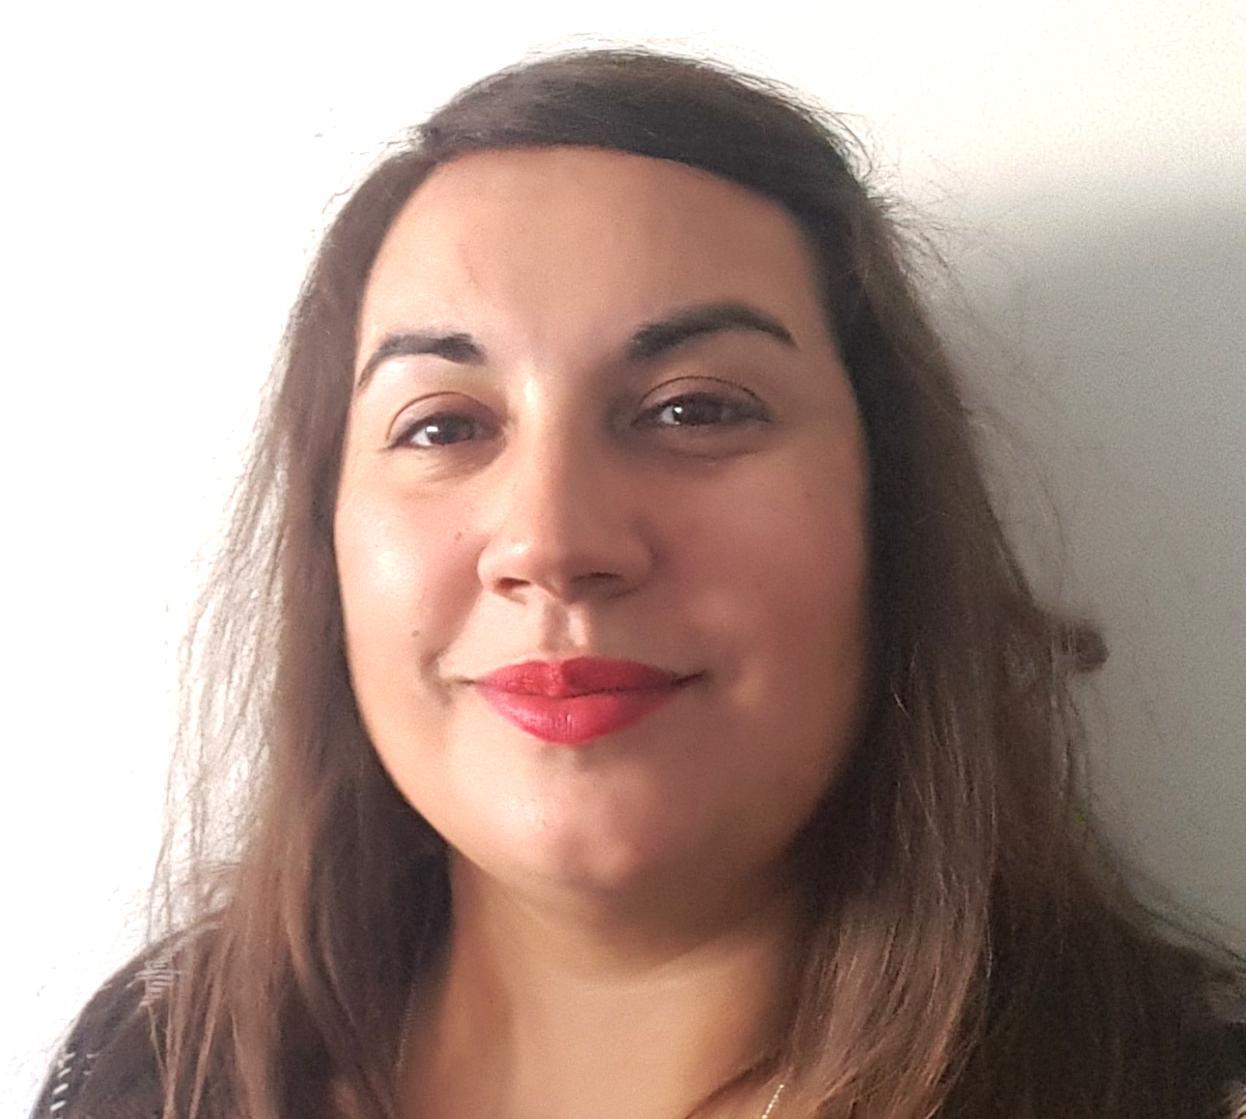 Lucia das Neves blog author photo